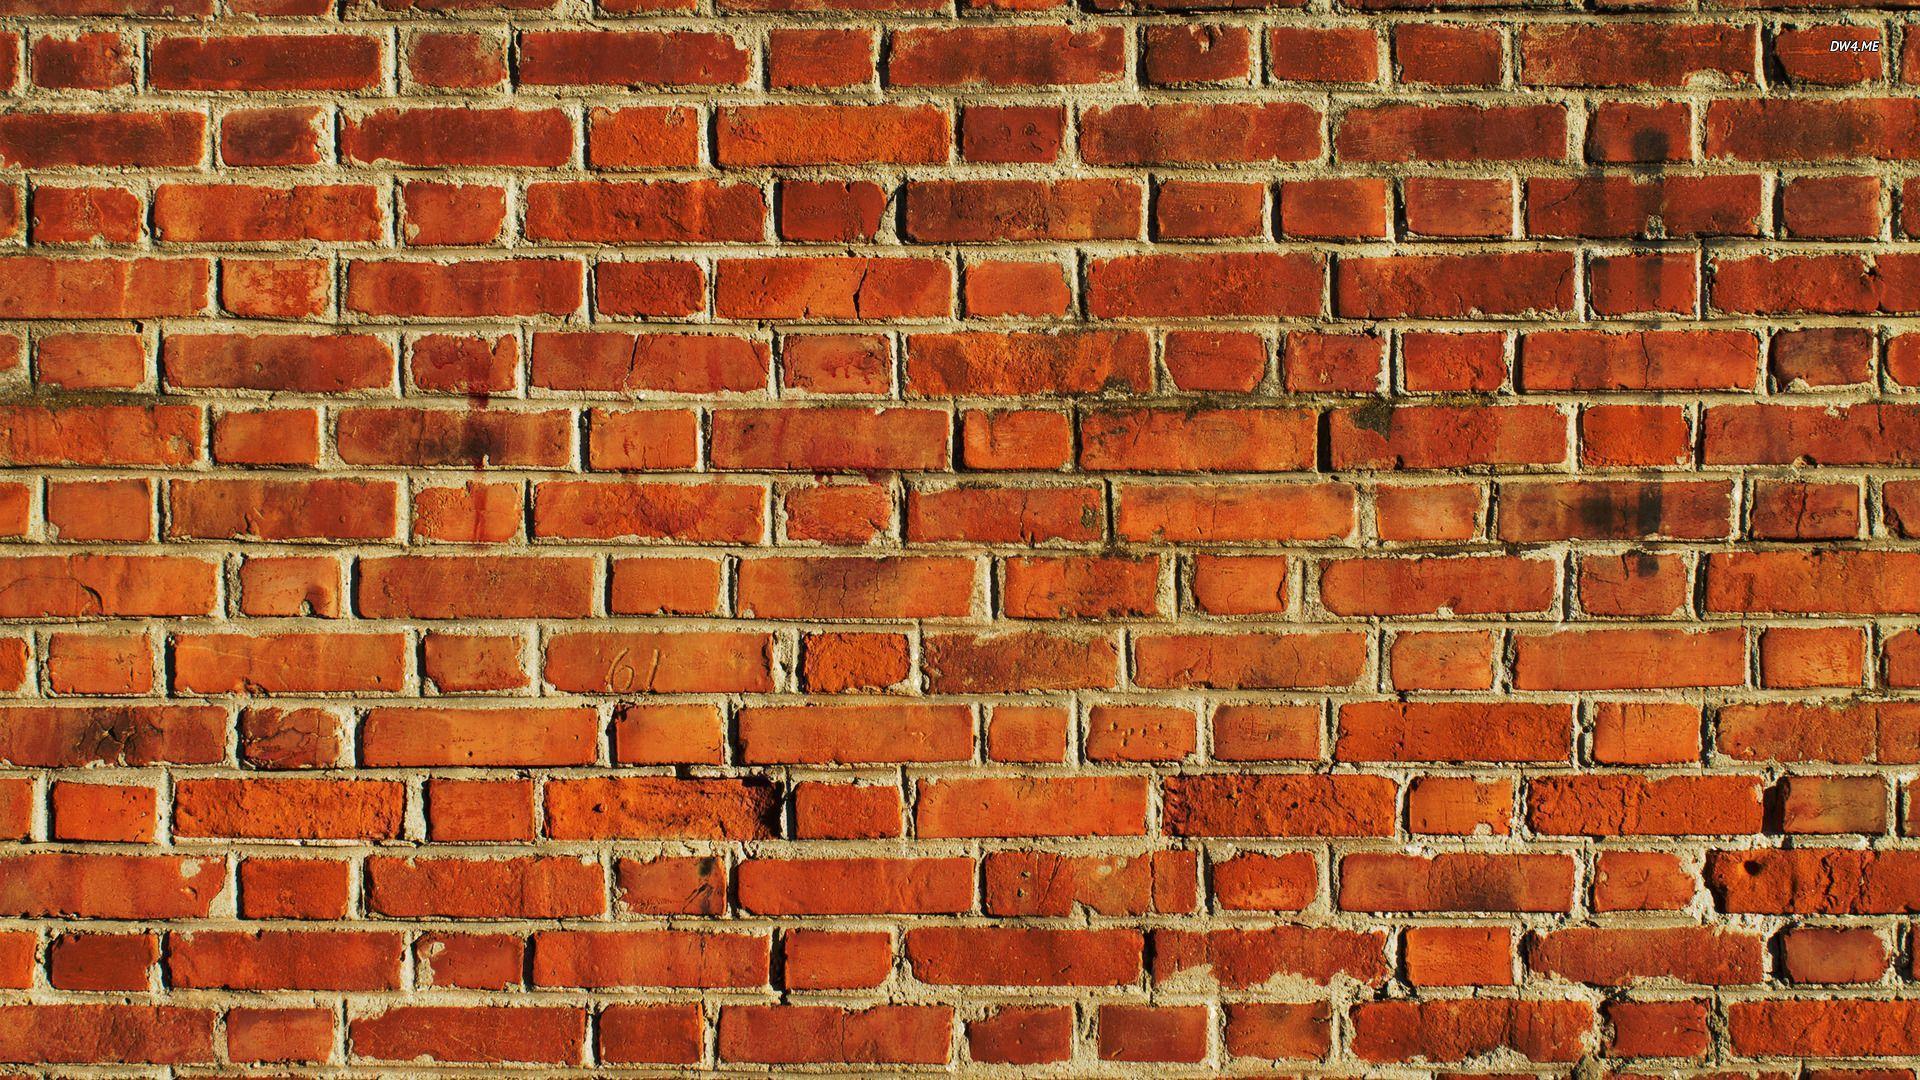 Brick Walls Wallpapers Wallpaper Cave